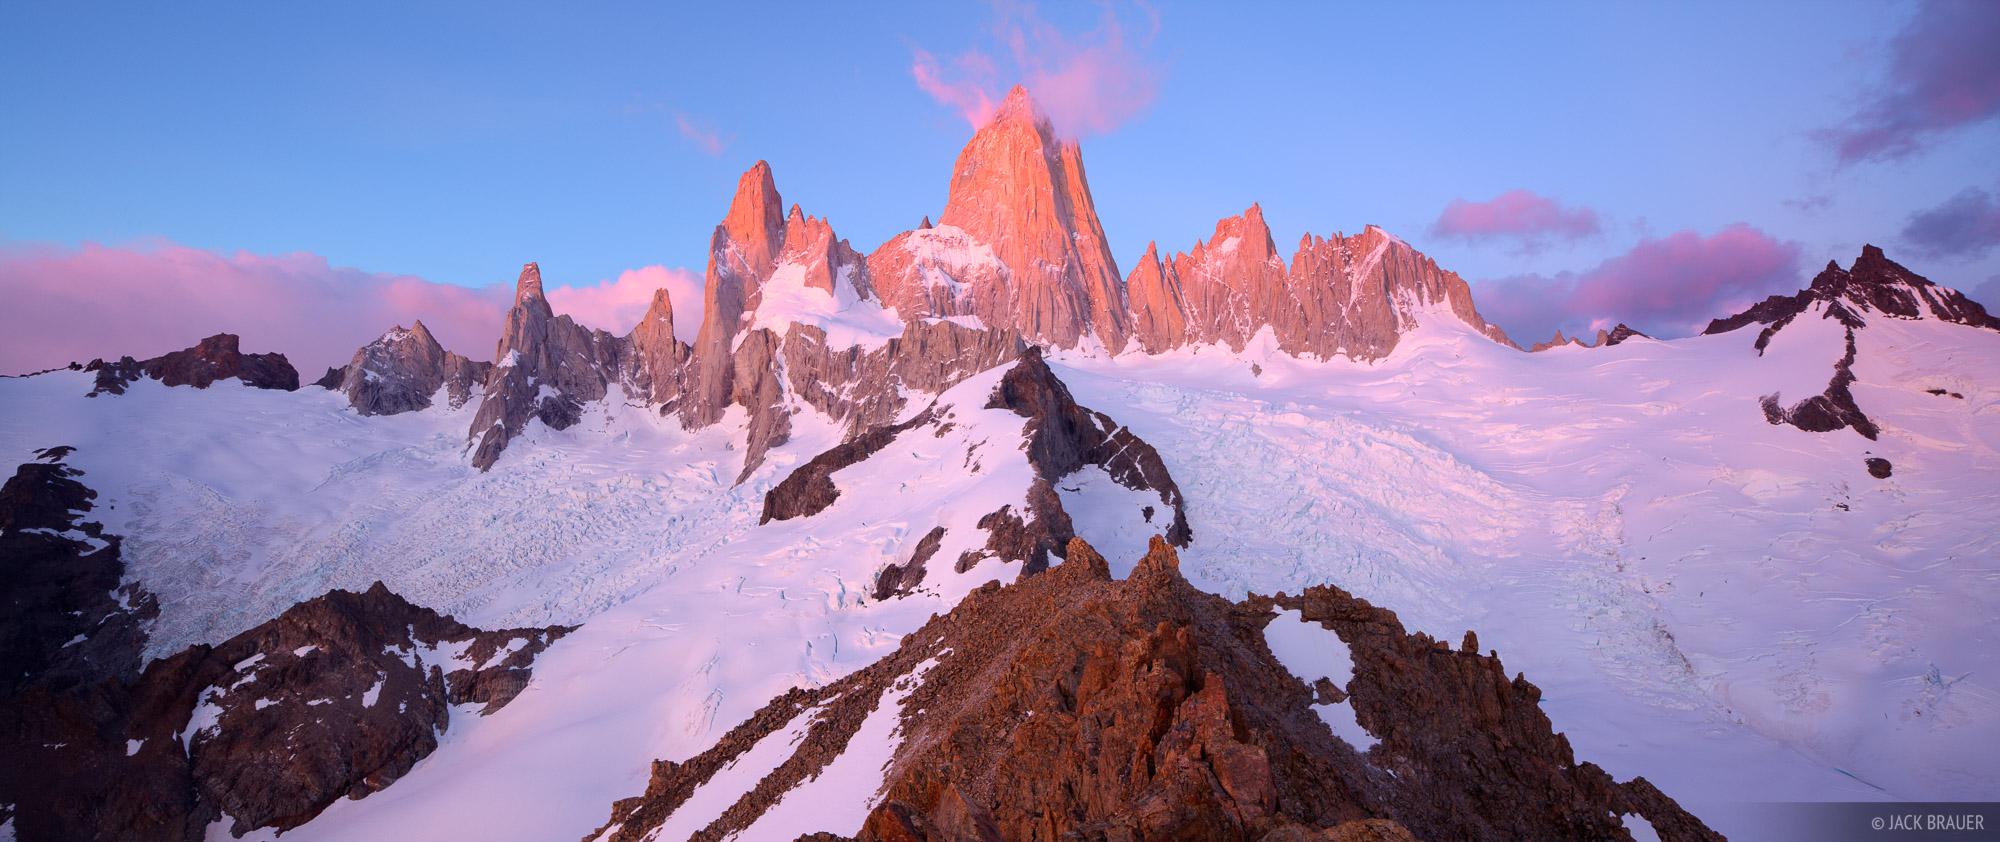 Fitz Roy, El Chalten, Argentina, Patagonia, sunrise, panorama, Parque Nacional Los Glaciares, photo